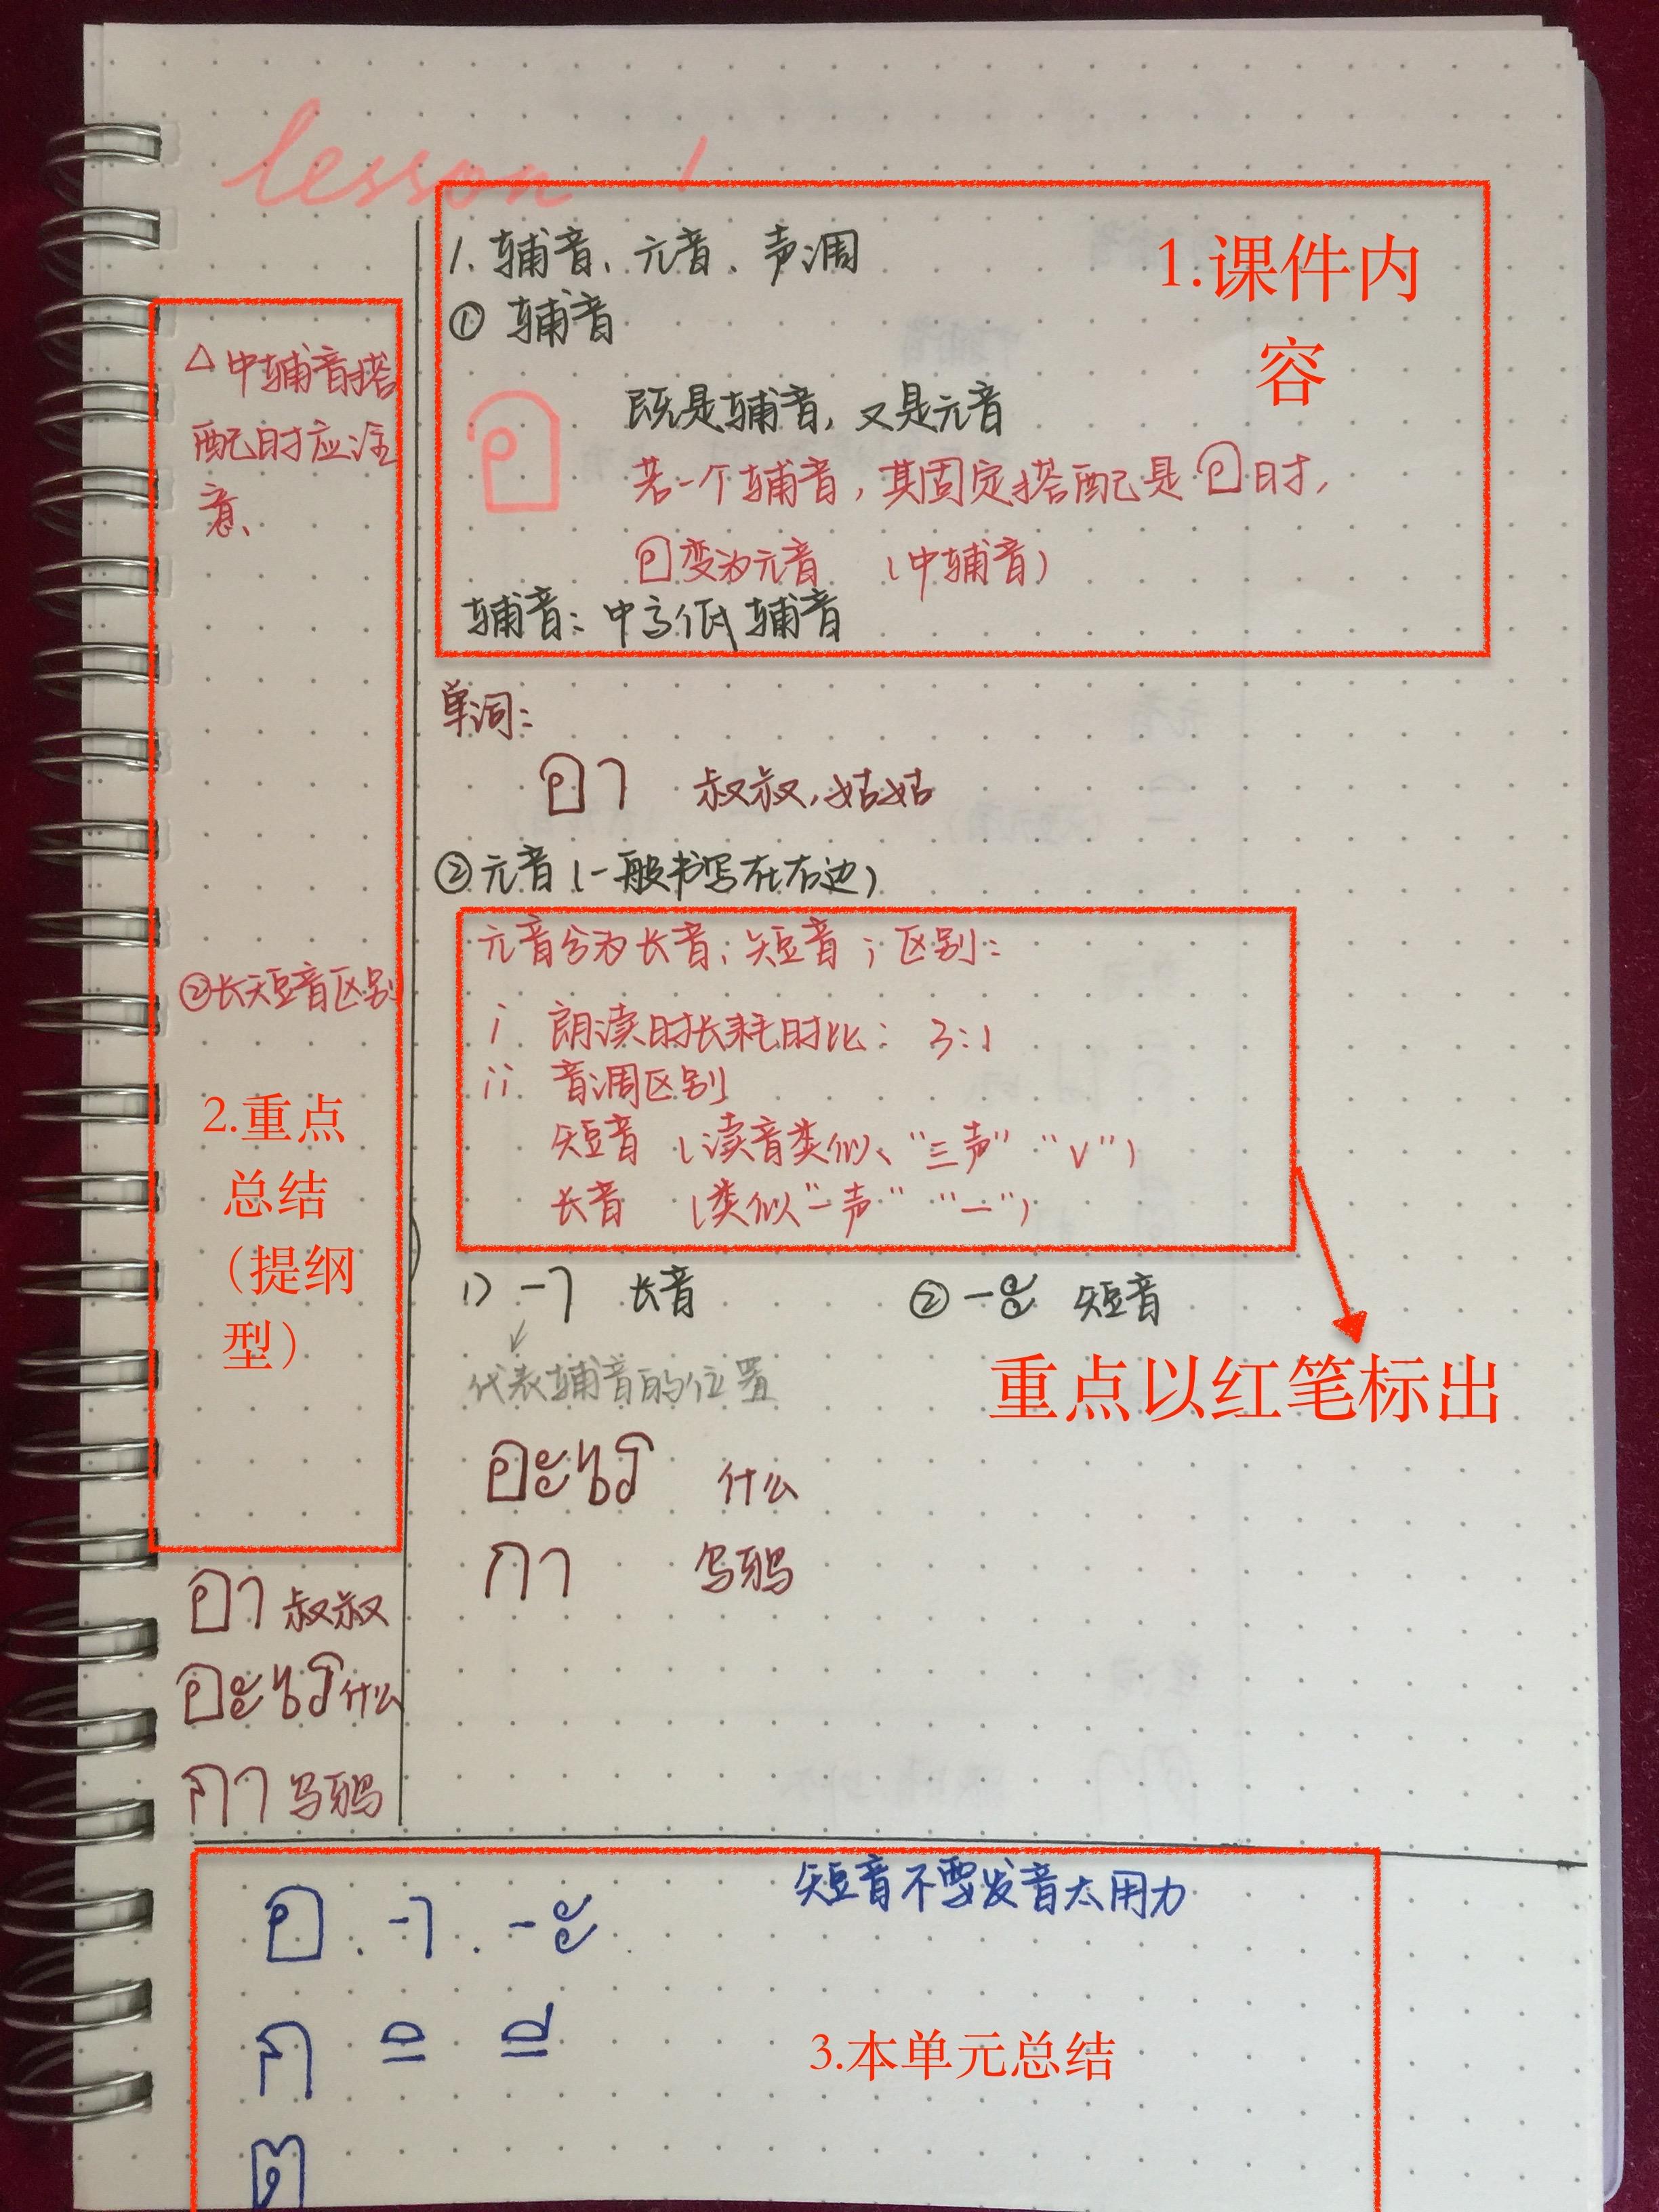 沪江众学 > 帖子         而我在学习辅音元音的发音及其相应写法的时